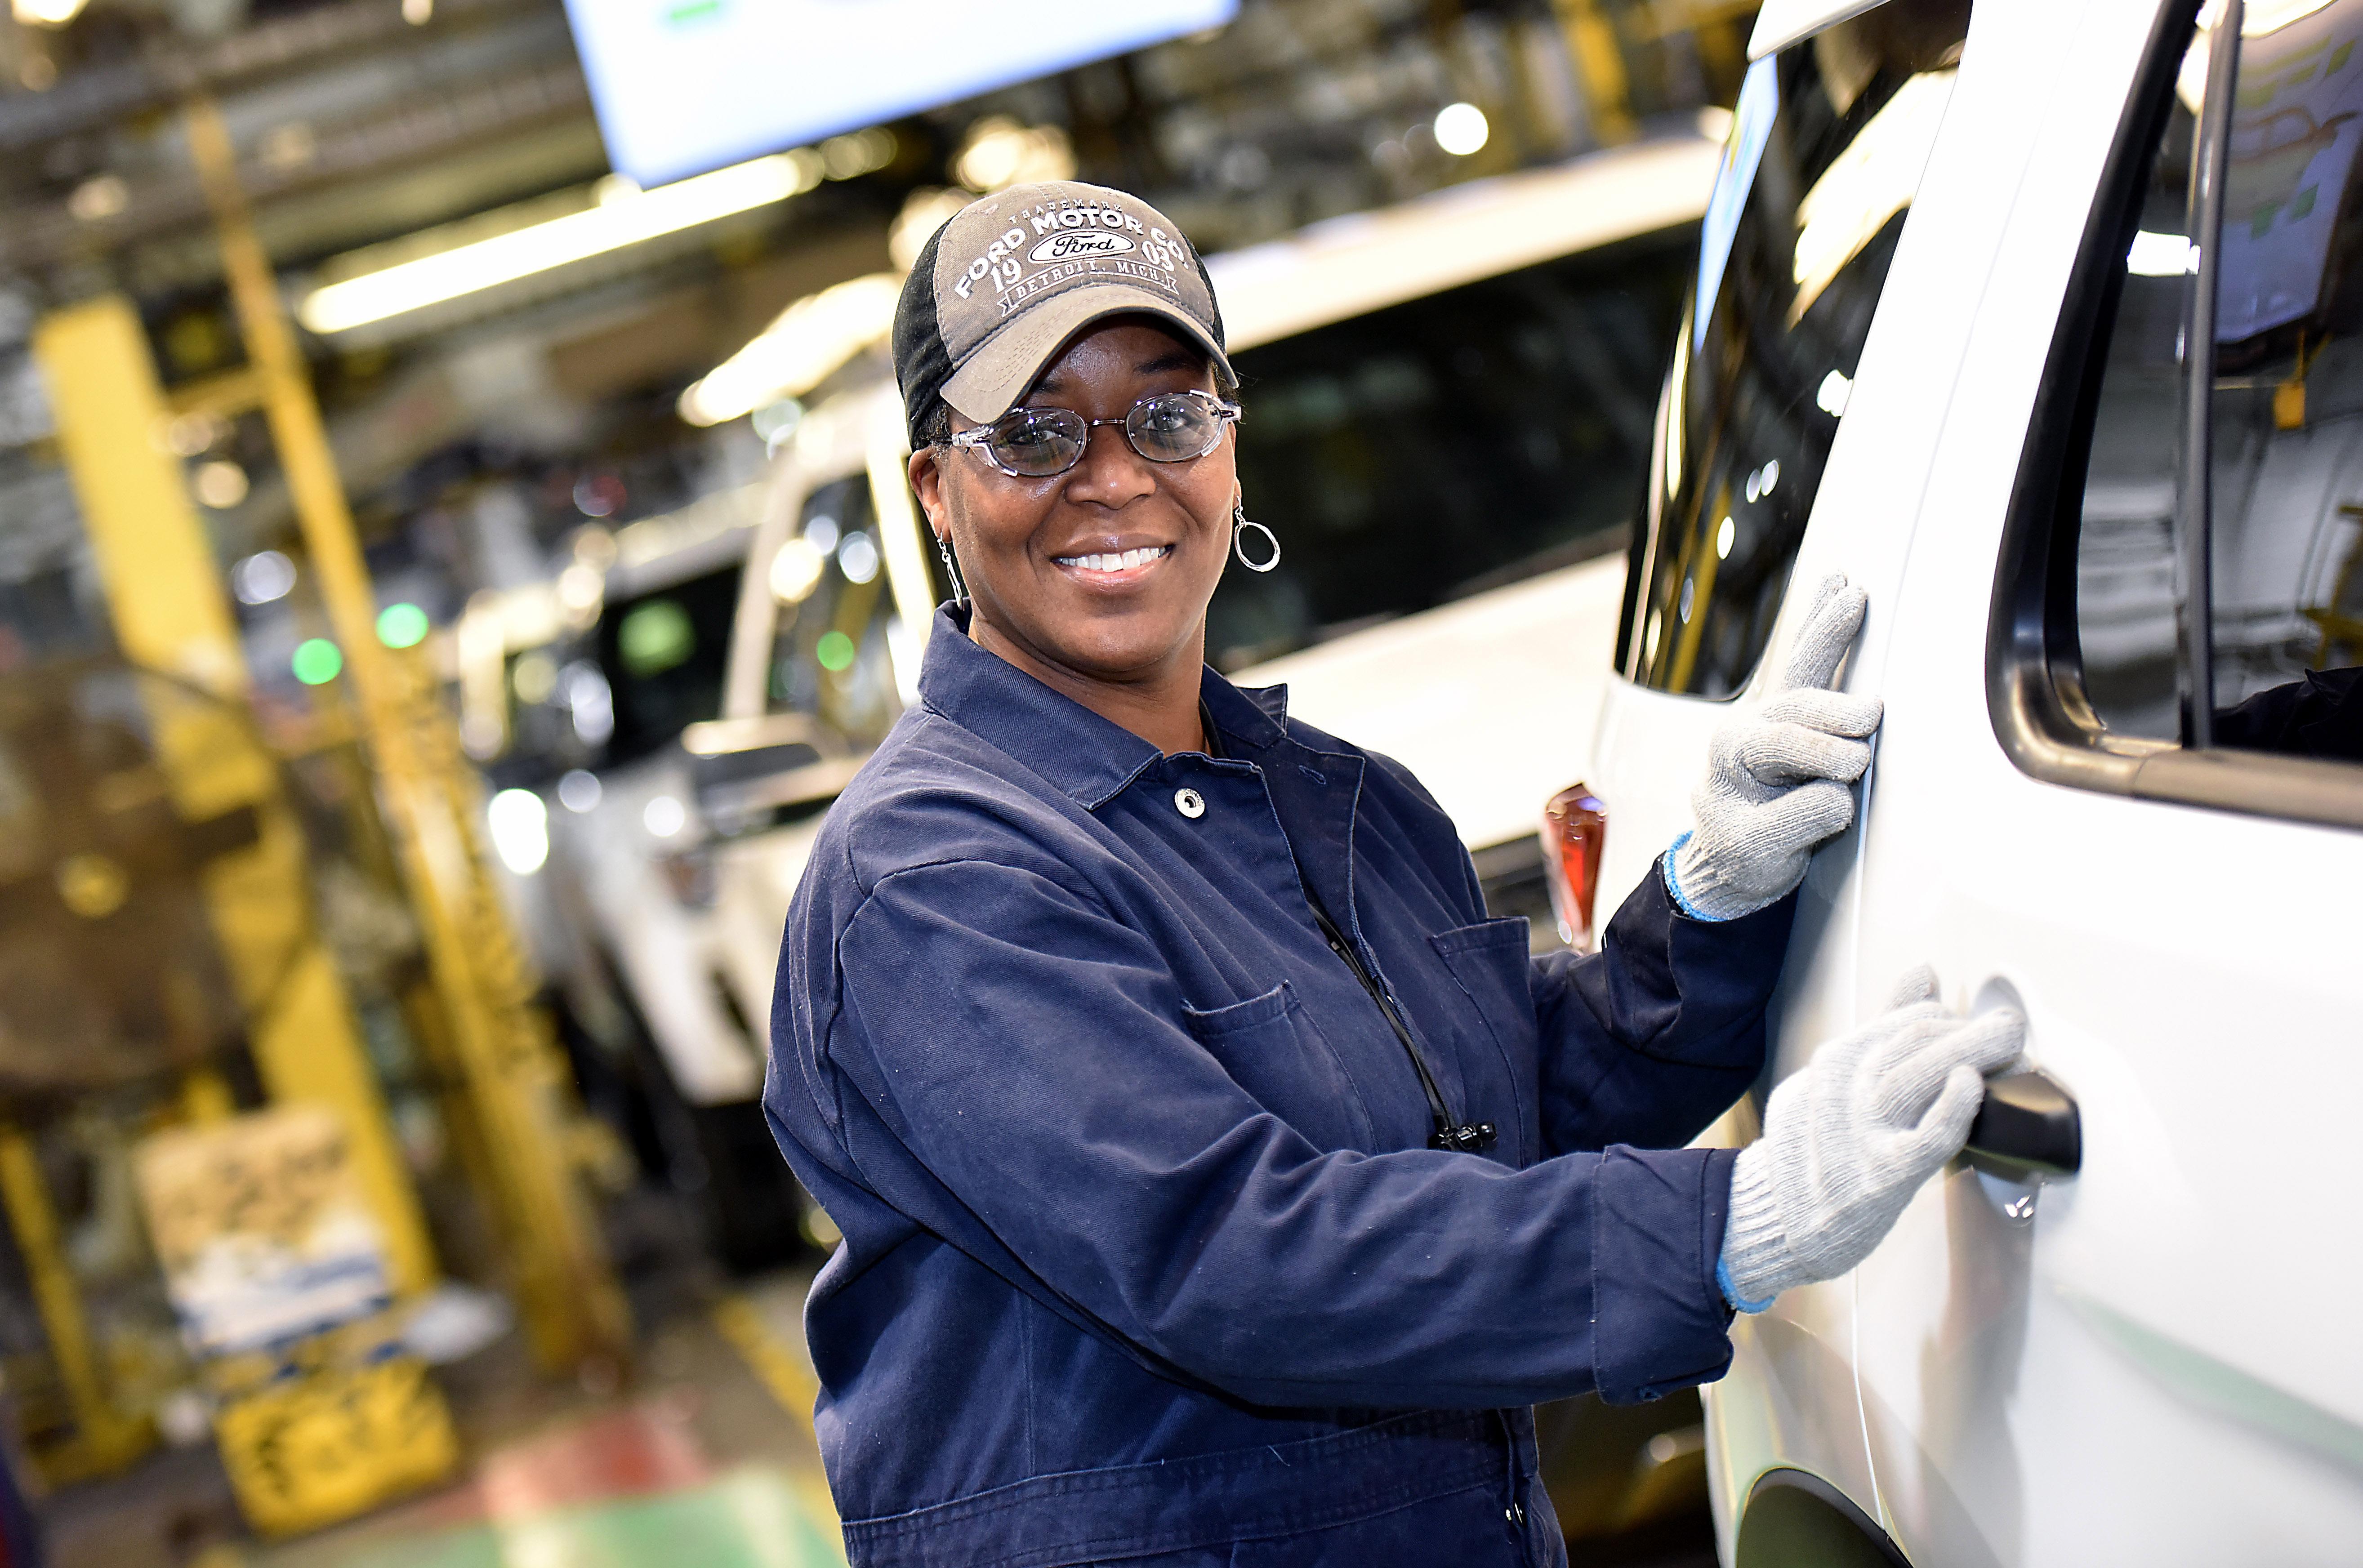 福特拟向芝加哥工厂投资10亿美元 投产重要车型